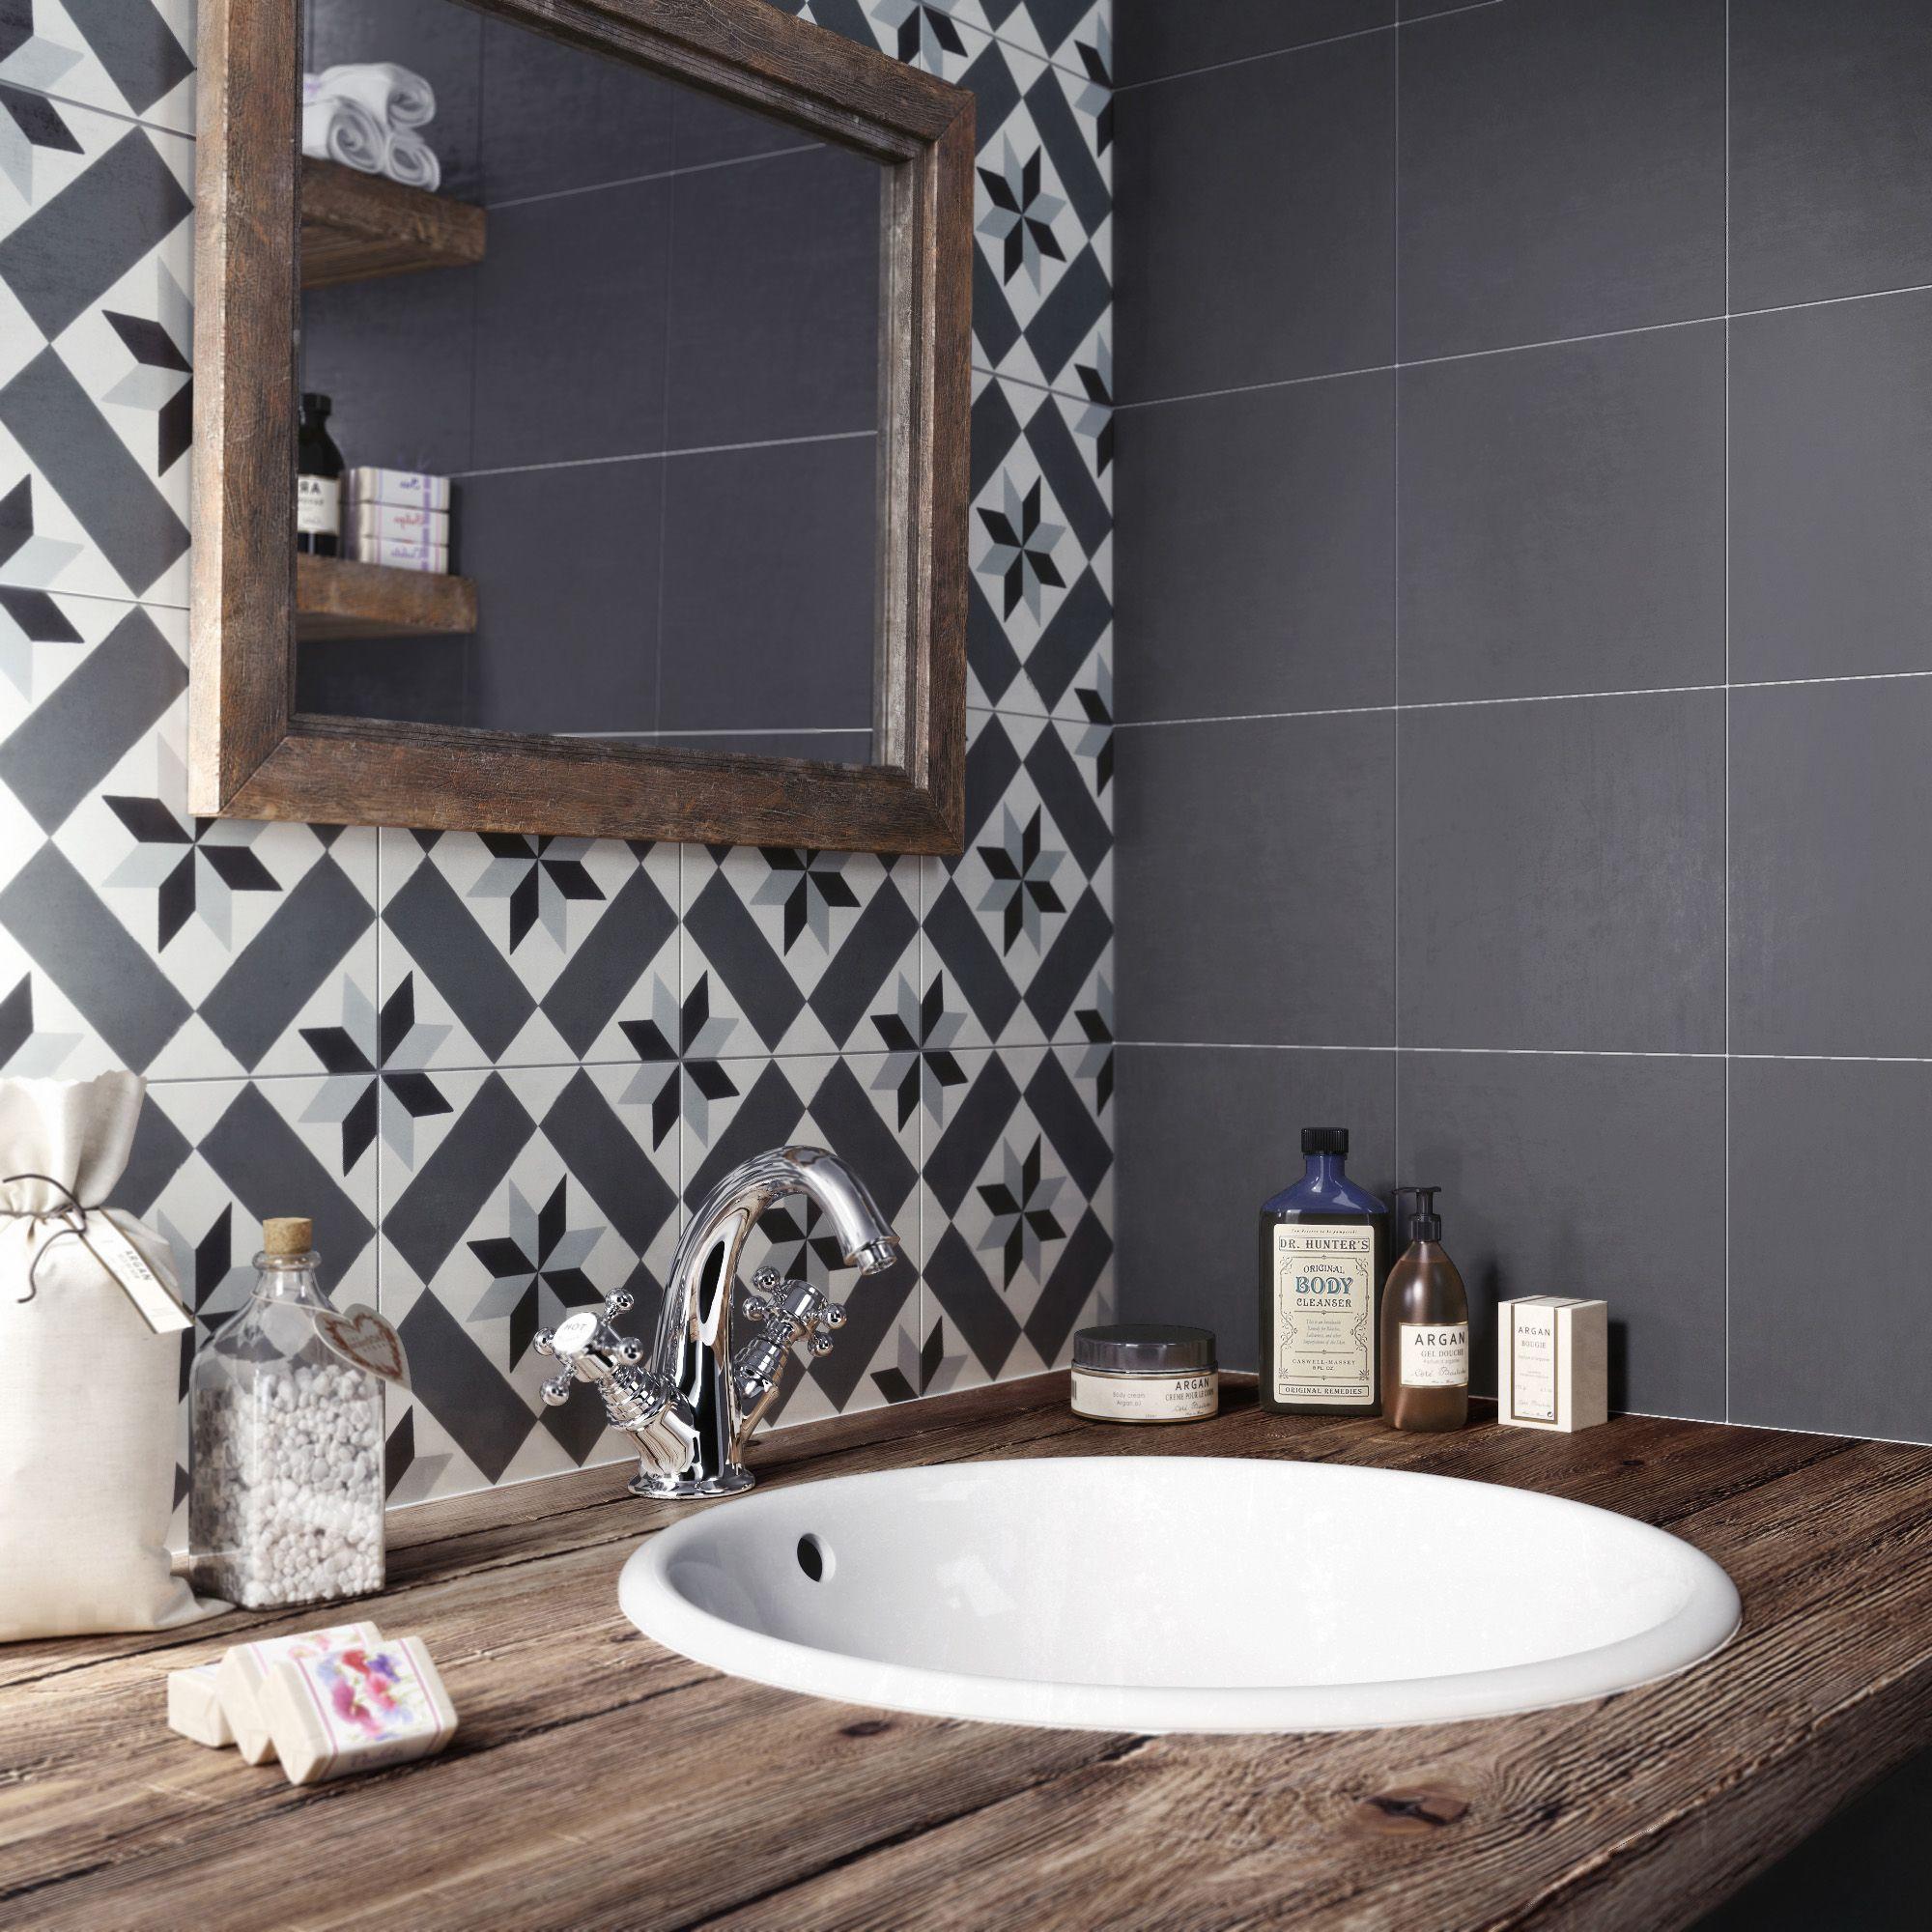 Carreau de ciment bois dans la salle de bain s w e e t h o m e pi - Salle de bain carreau de ciment ...